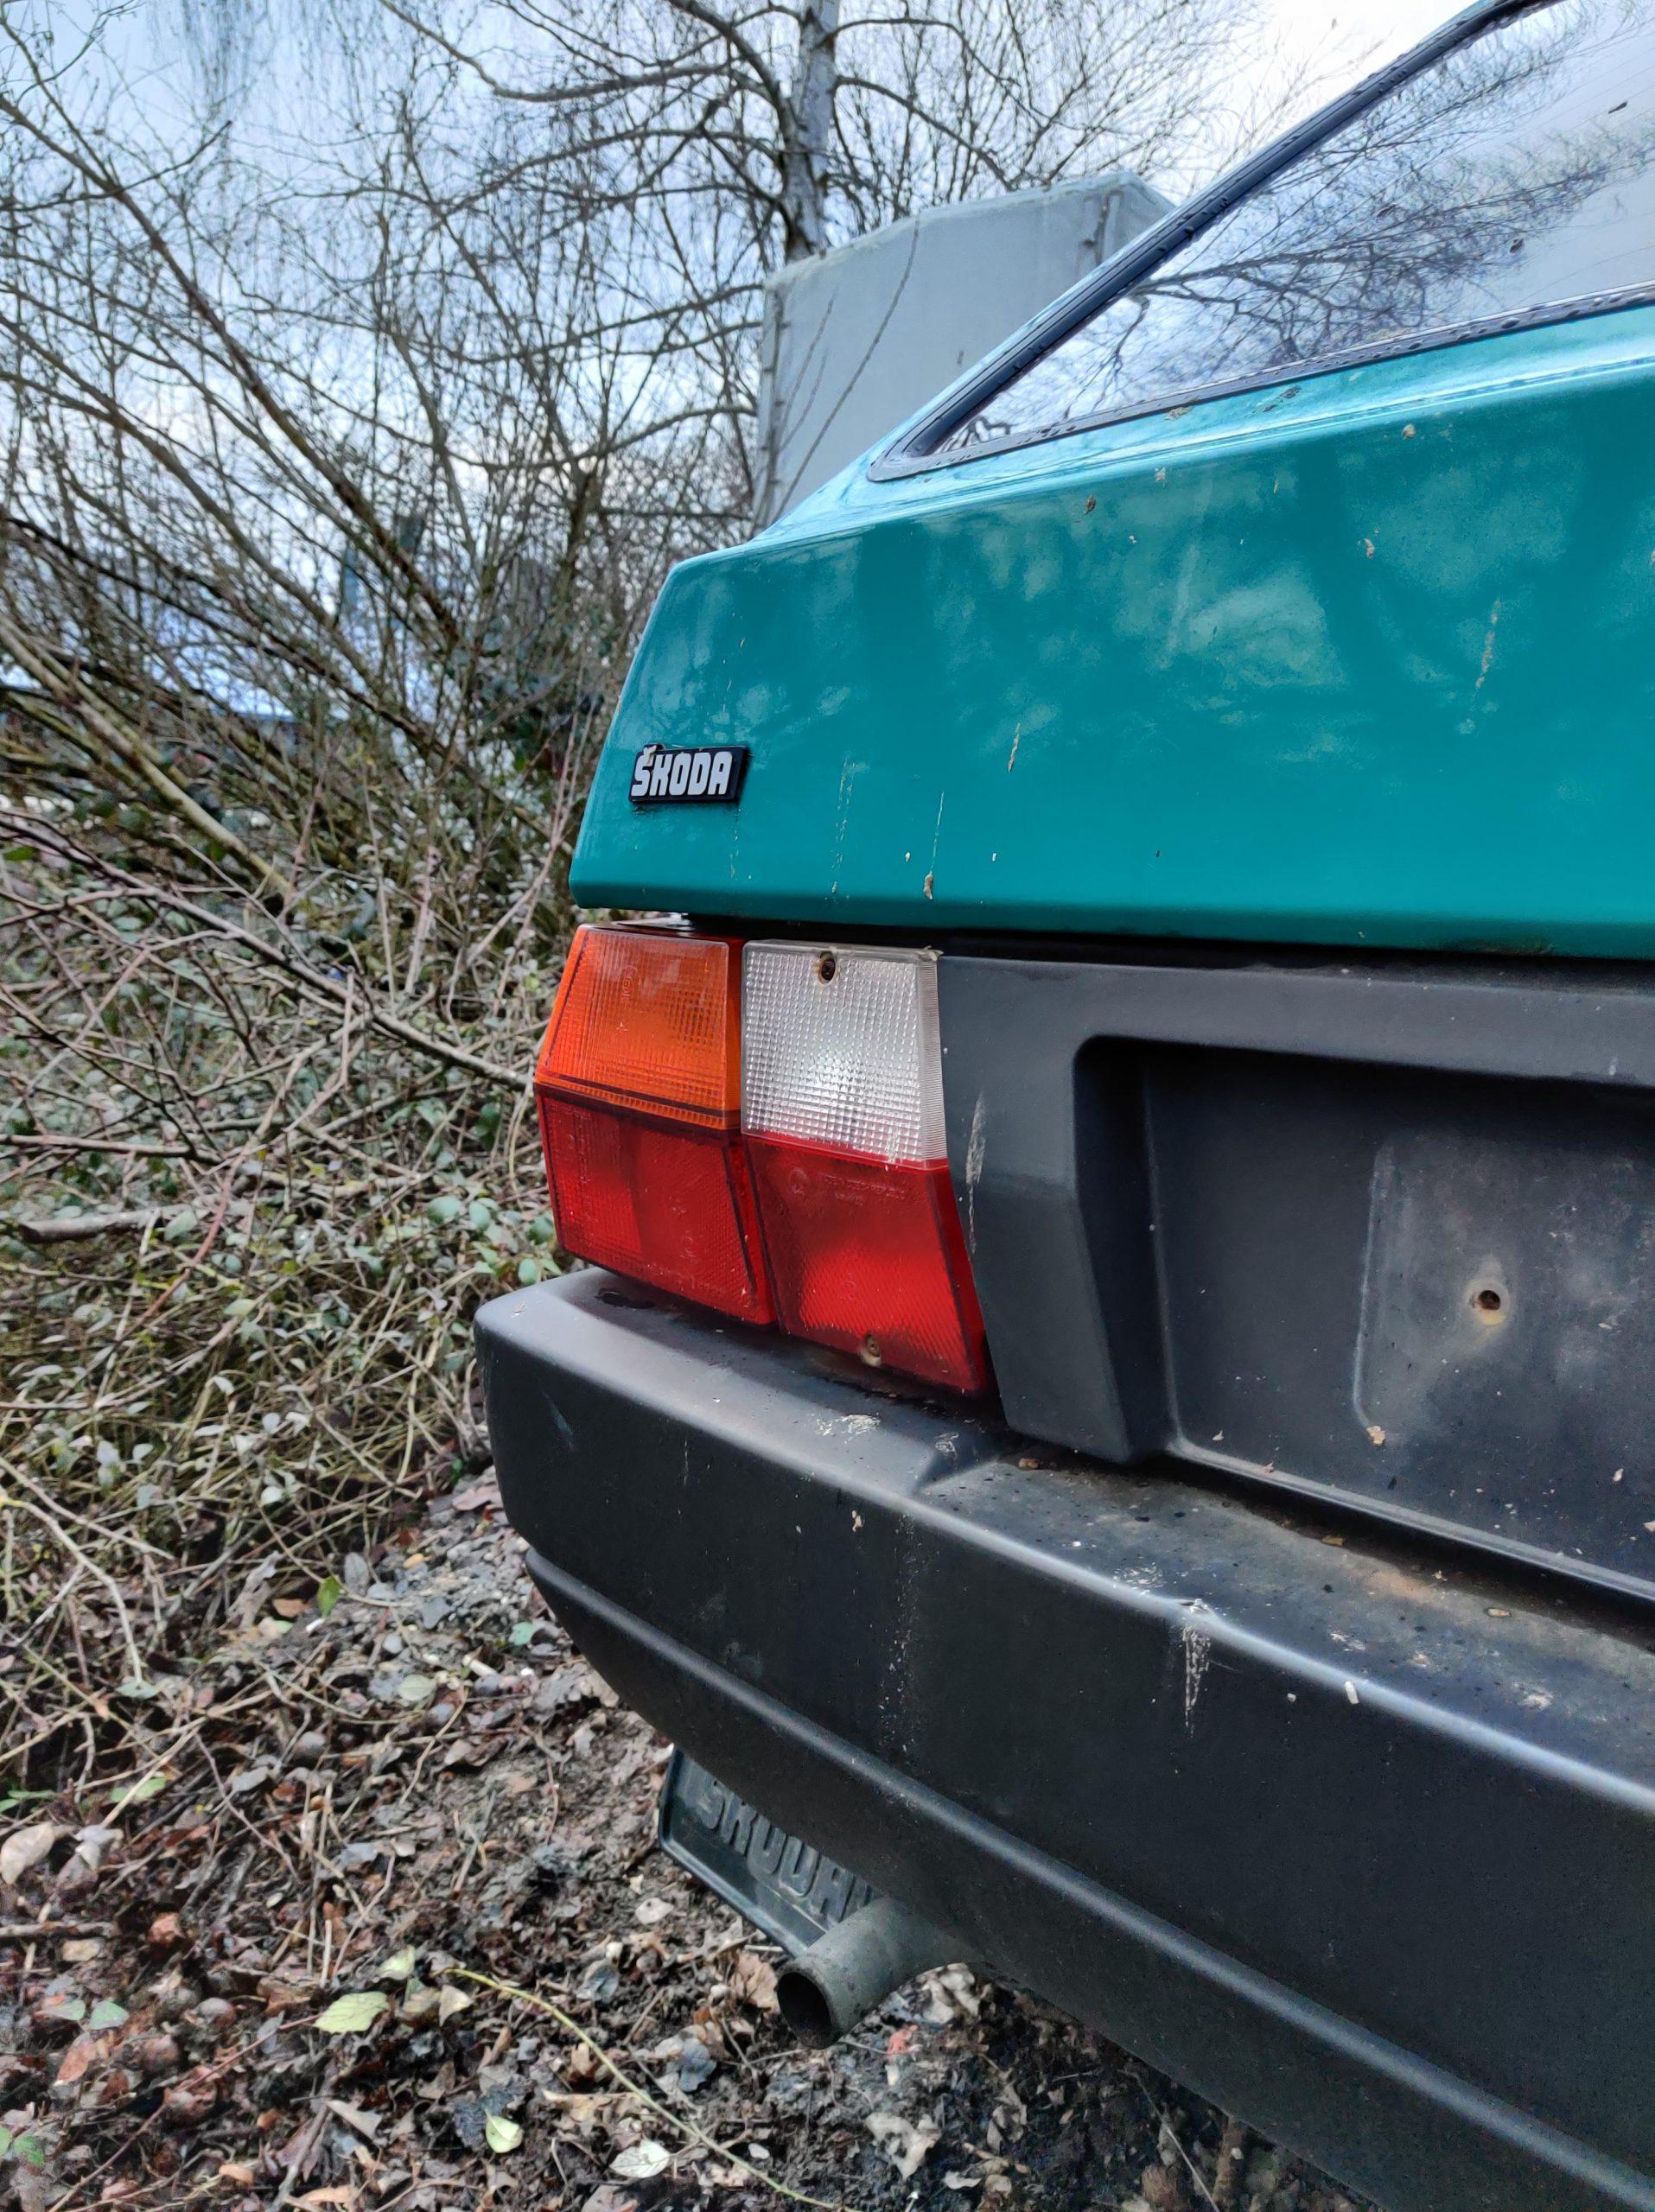 teal skoda favorit rear left taillight